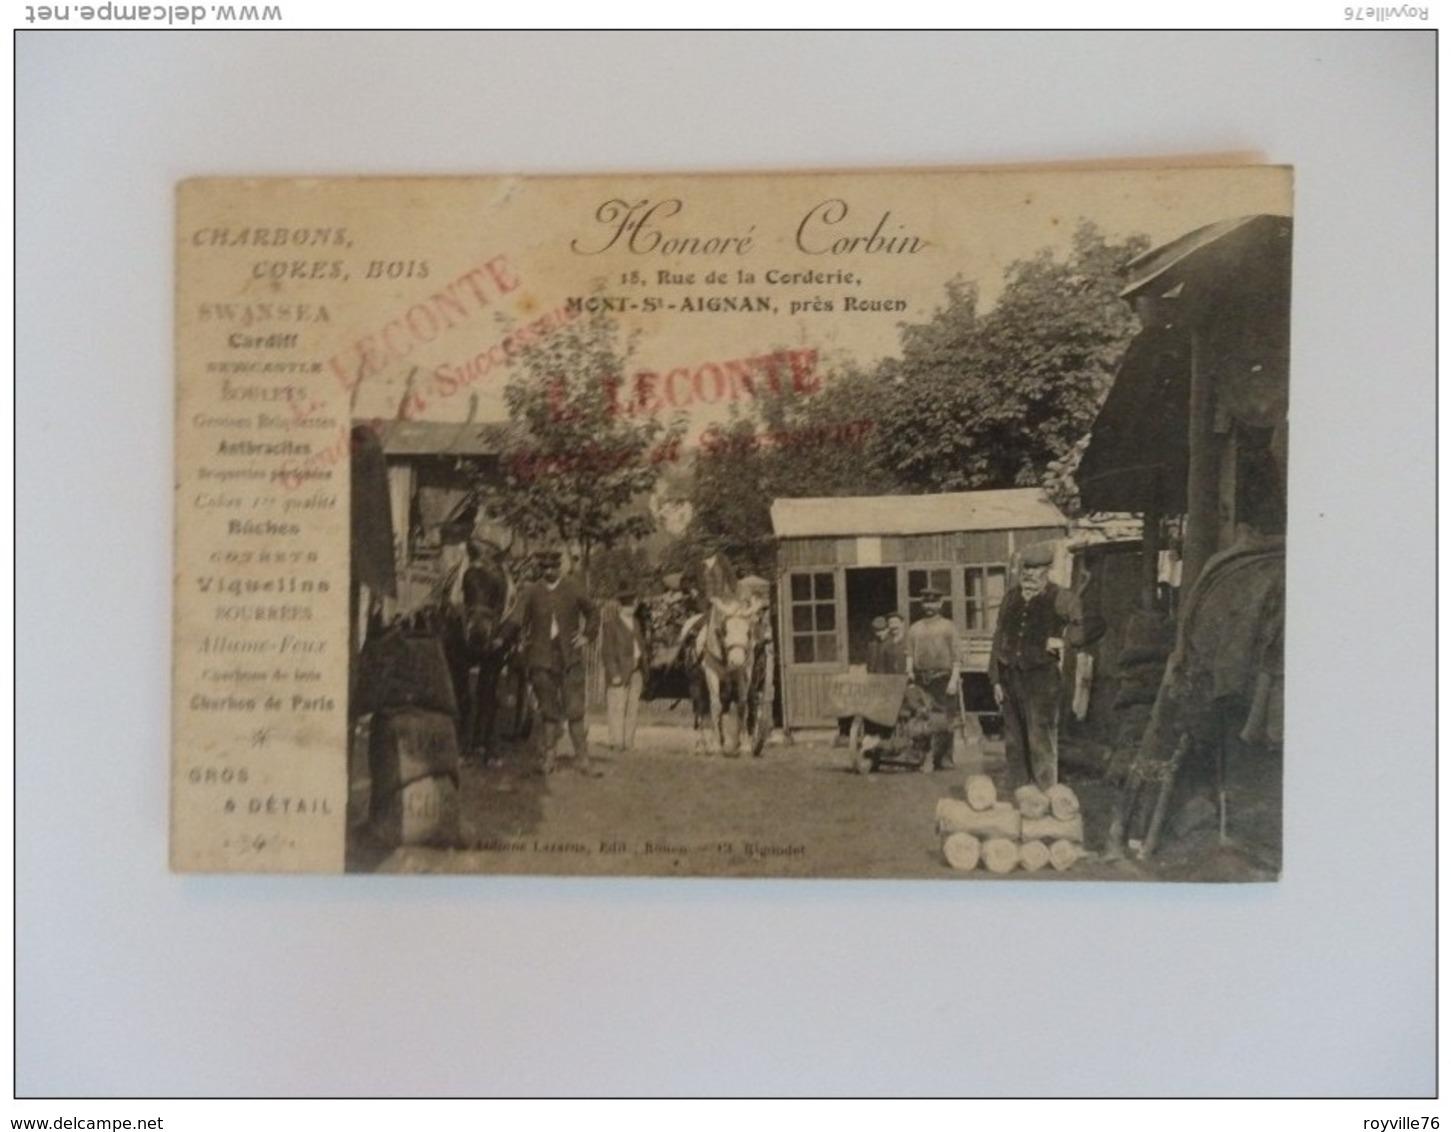 Mont-Saint-Aignan, Honoré Corbin, 18, Rue De La Corderie. Charbons, Cokes, Bois. - Mont Saint Aignan